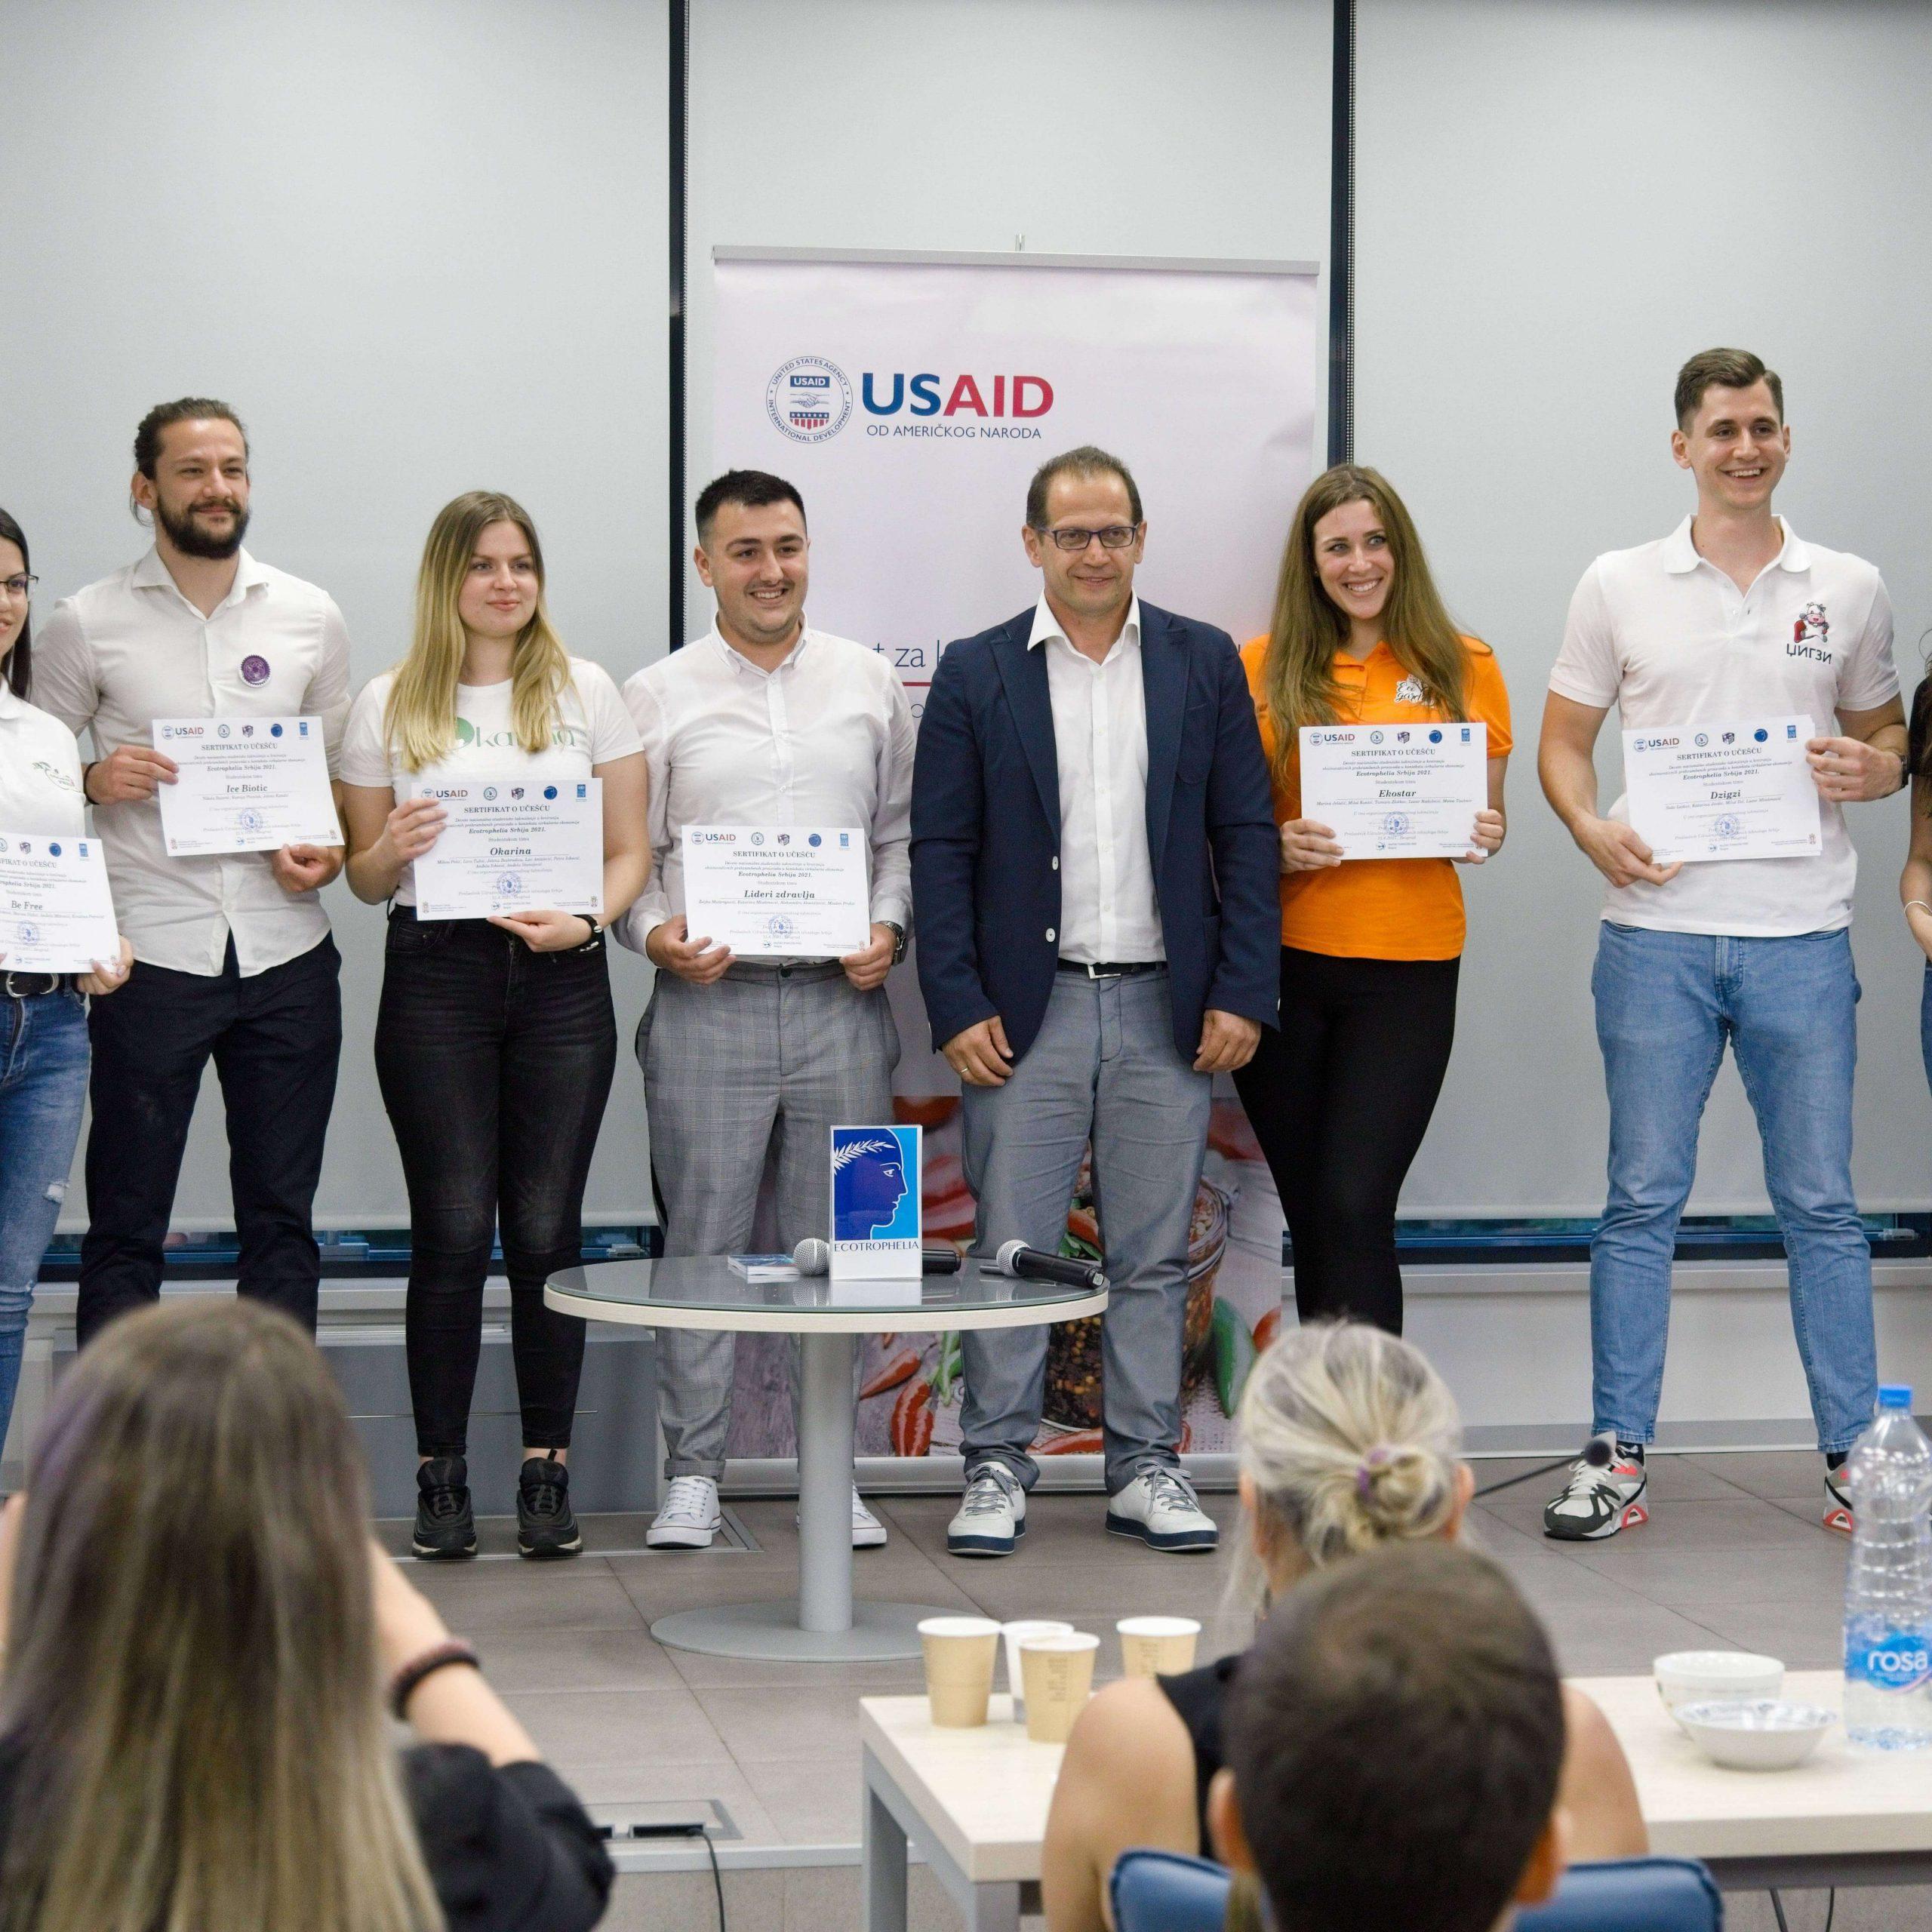 IceBiotic победник 9. студентског такмичења за наиновативнији прехрамбени производ –  У НТП Београд одржана Ecotrophelia Србија 2021